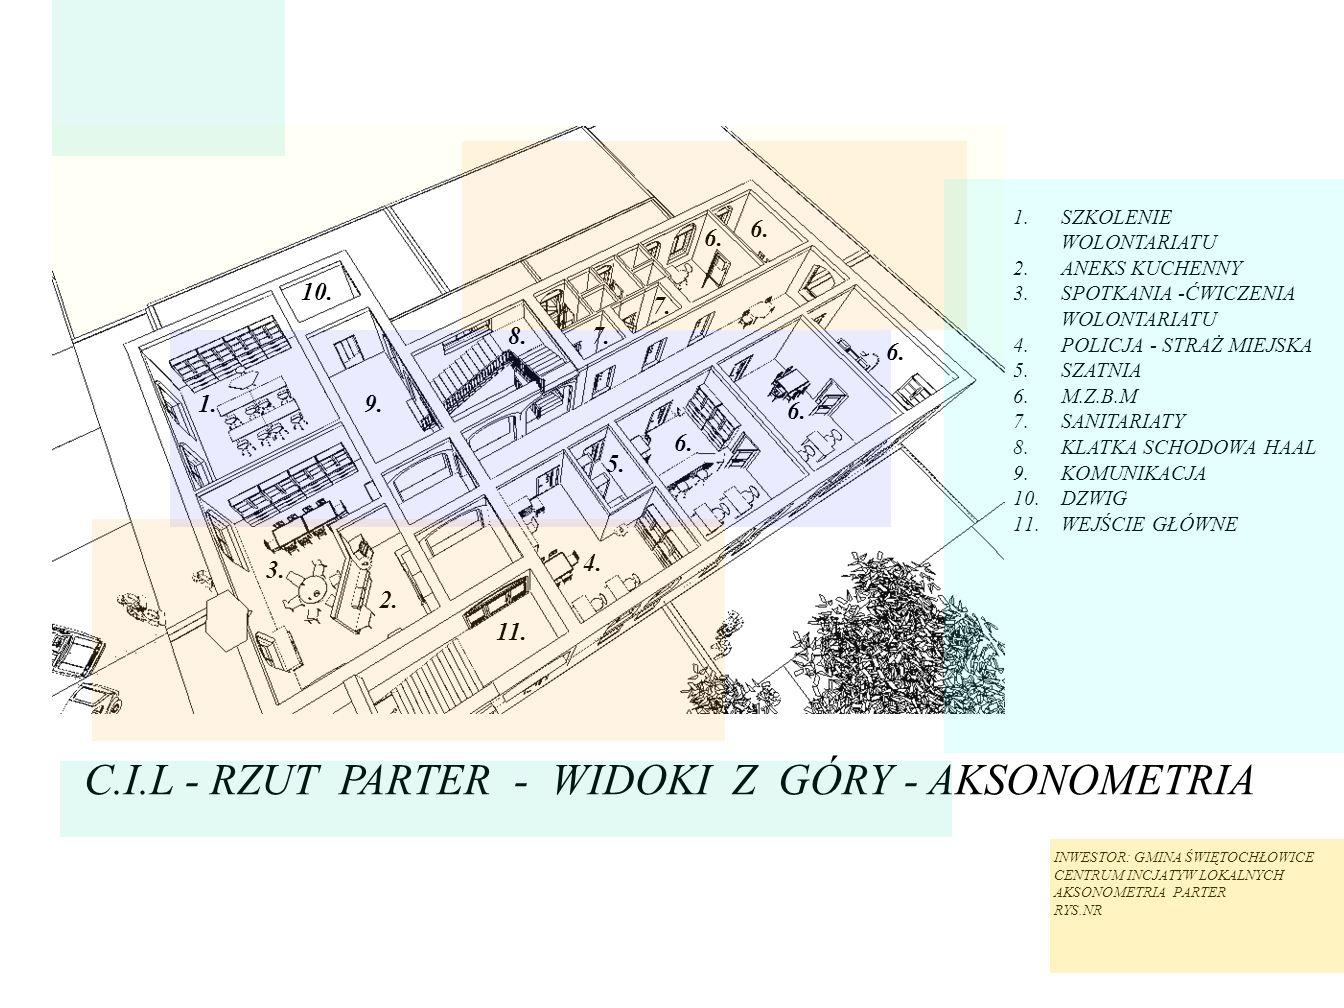 C.I.L - RZUT PARTER - WIDOKI Z GÓRY - AKSONOMETRIA